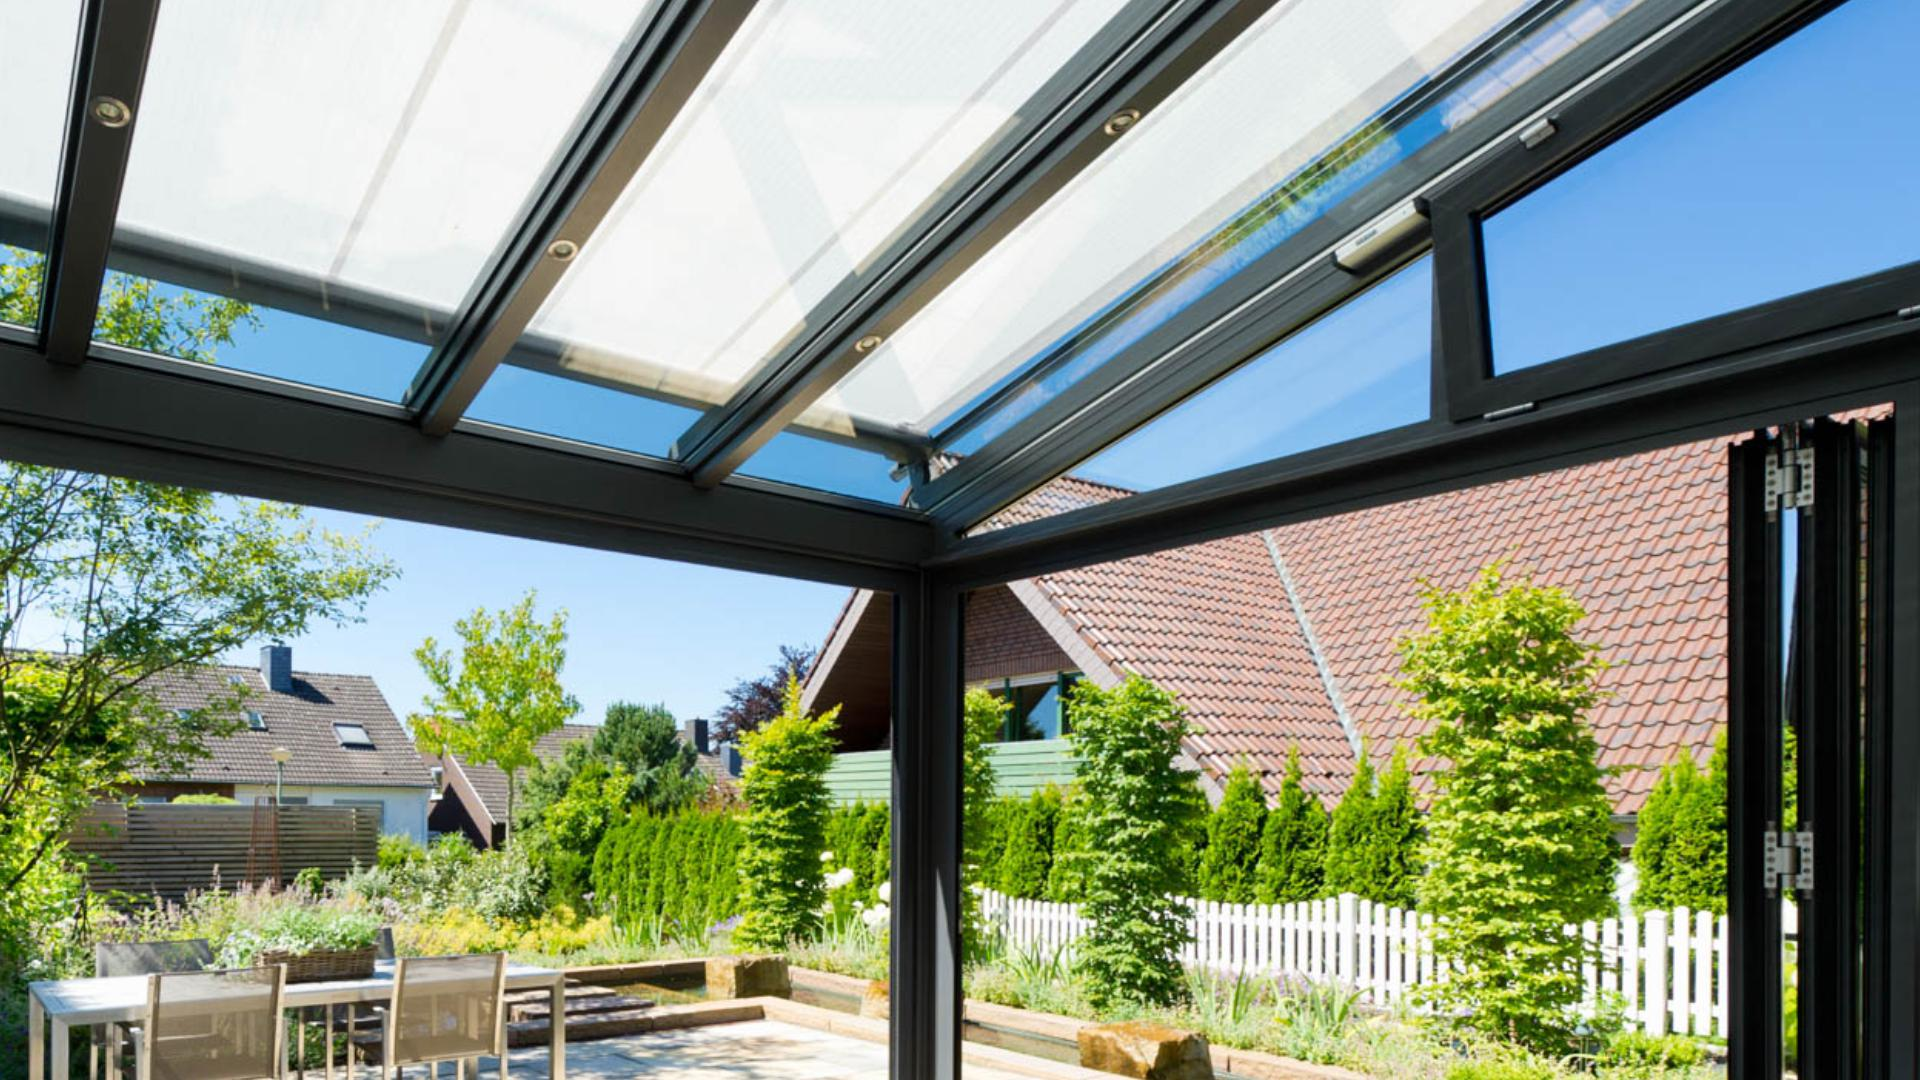 Terrassendach mit Sonnenschutzmarkise mit Blick in einen Vorstadtgarten mit Gartenmöbeln